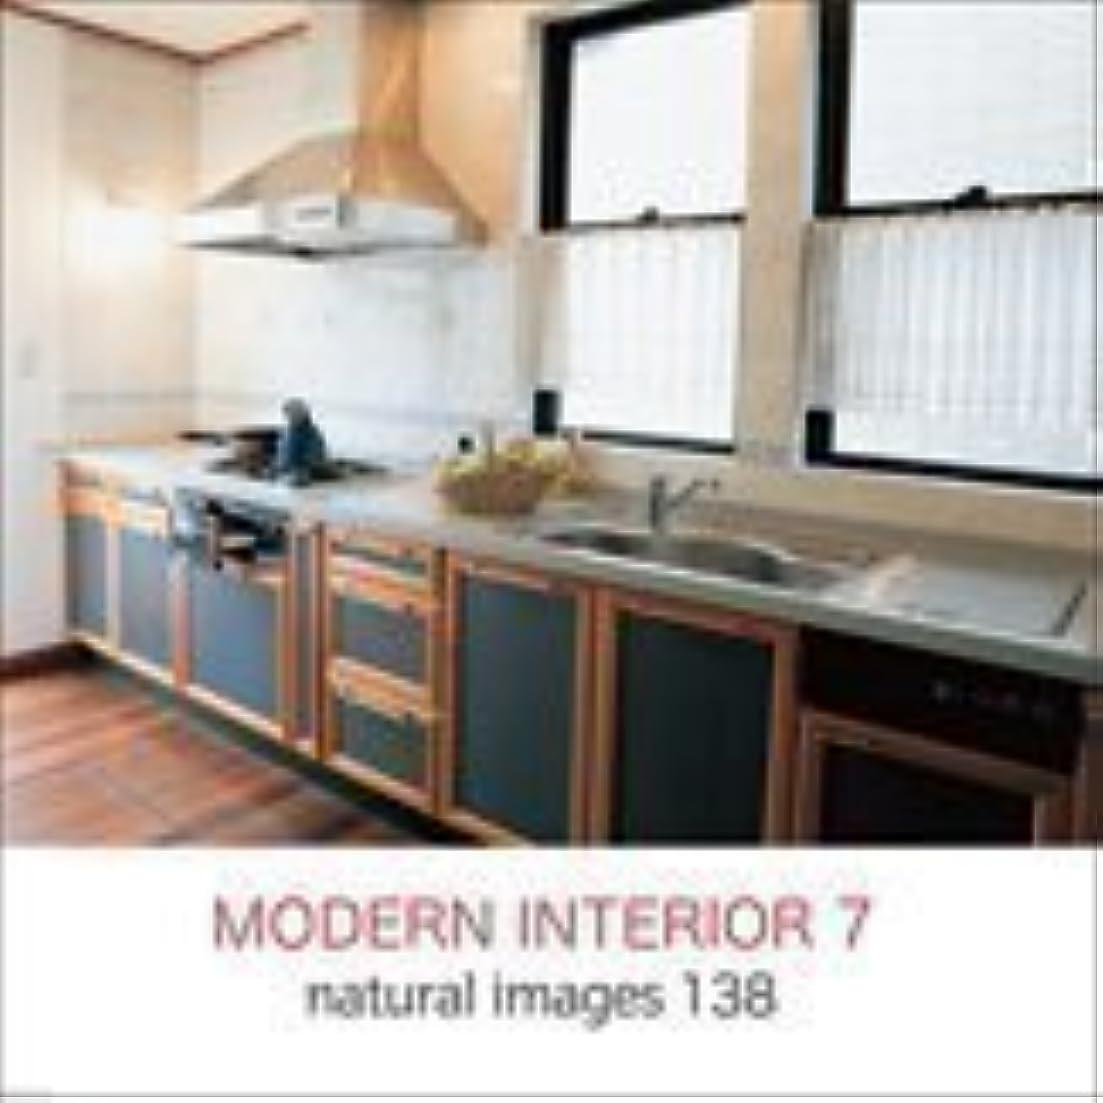 式油郊外naturalimages Vol.138 MODERN INTERIOR 7